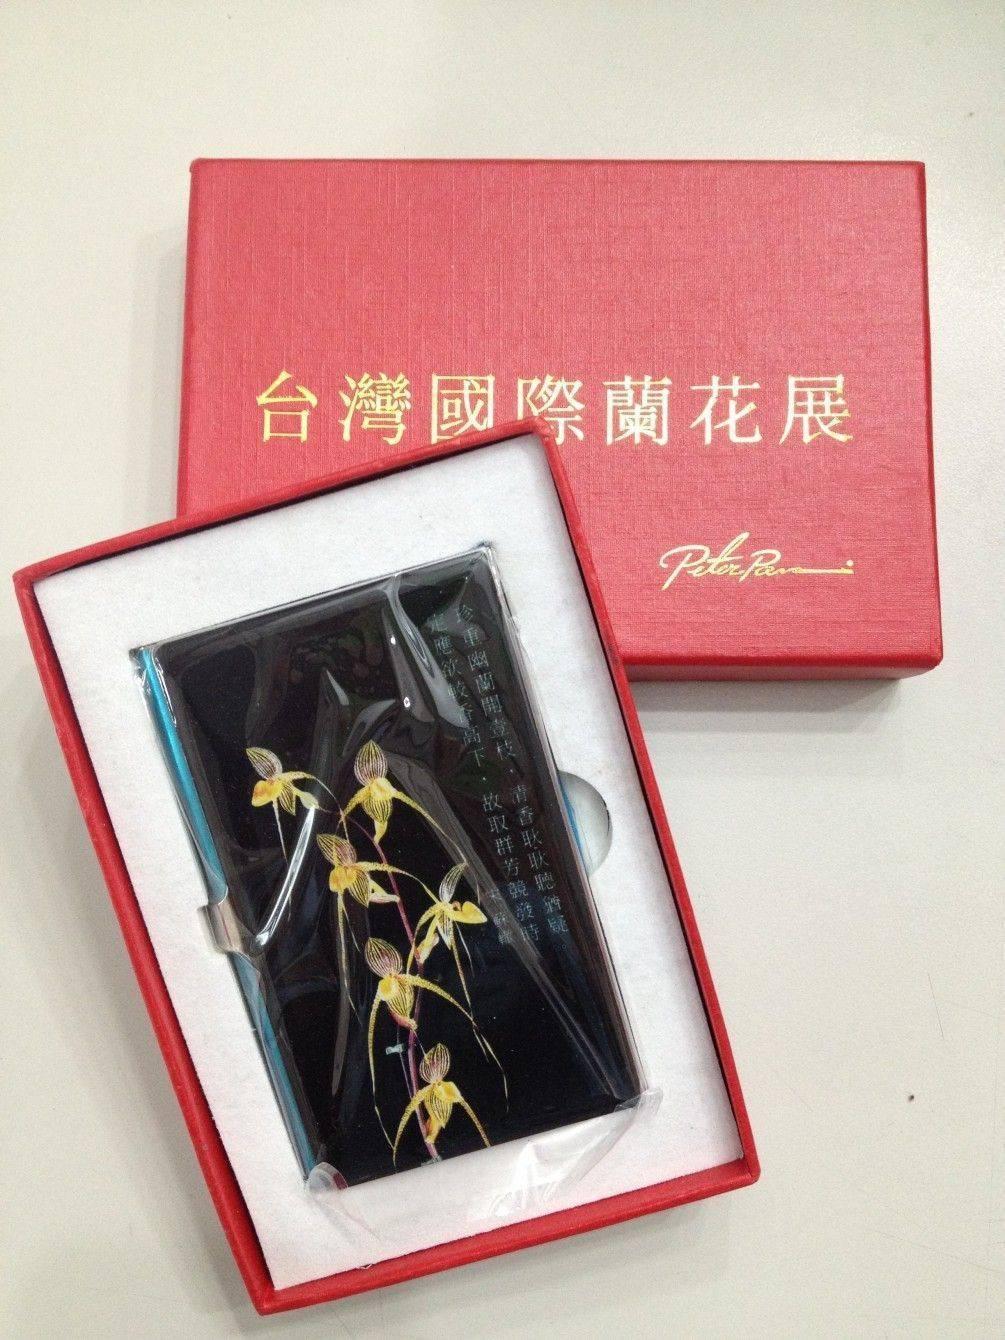 黃蘭花名片盒